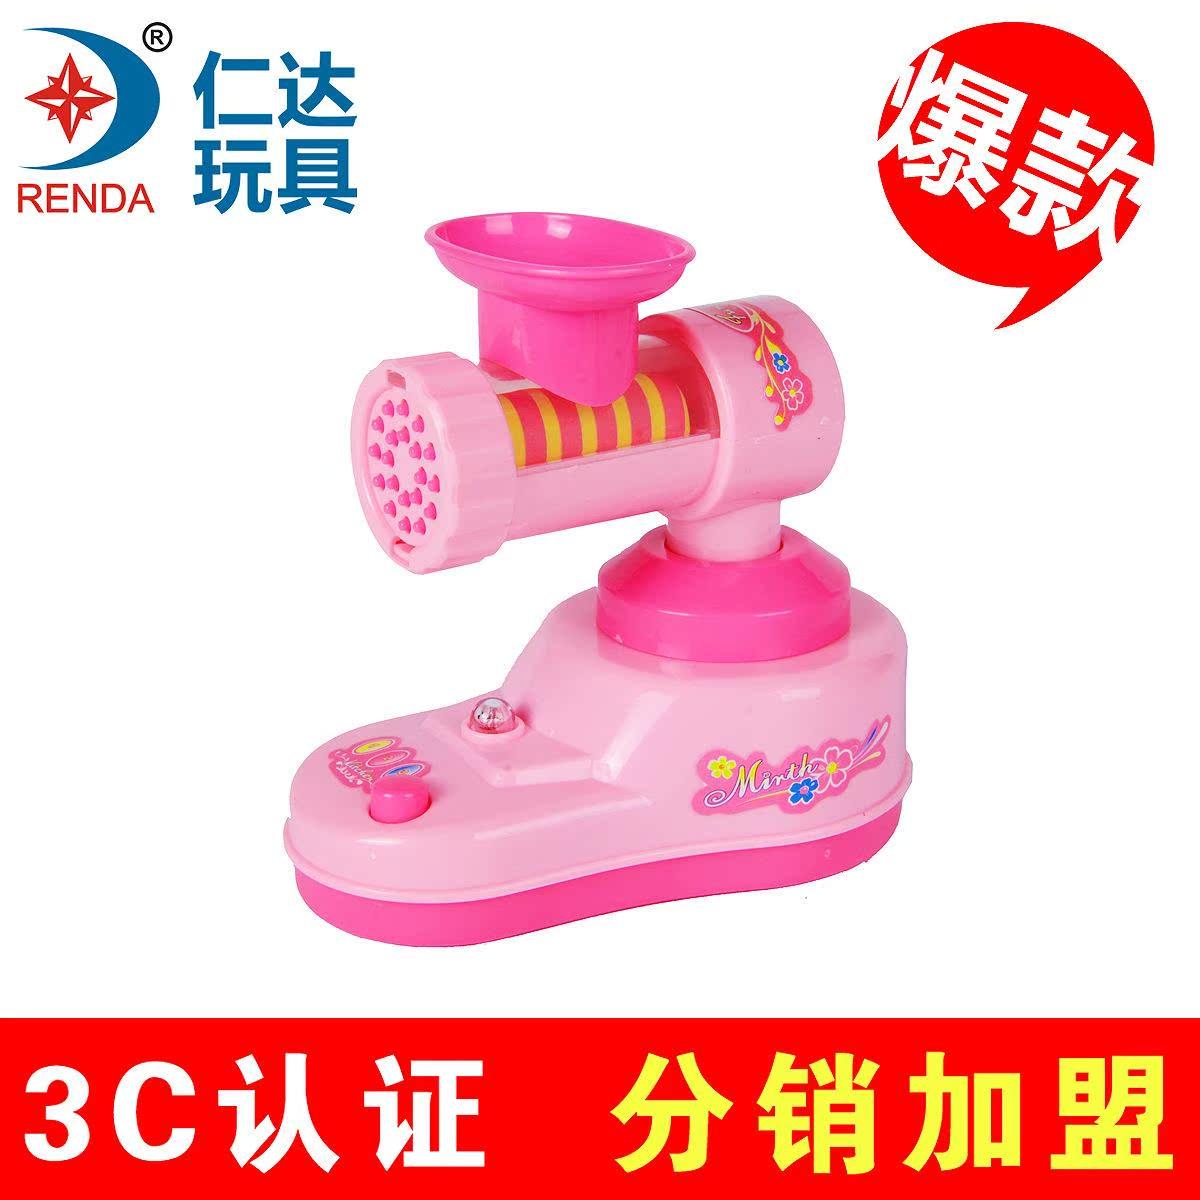 Детский игровой набор Renda rd800222